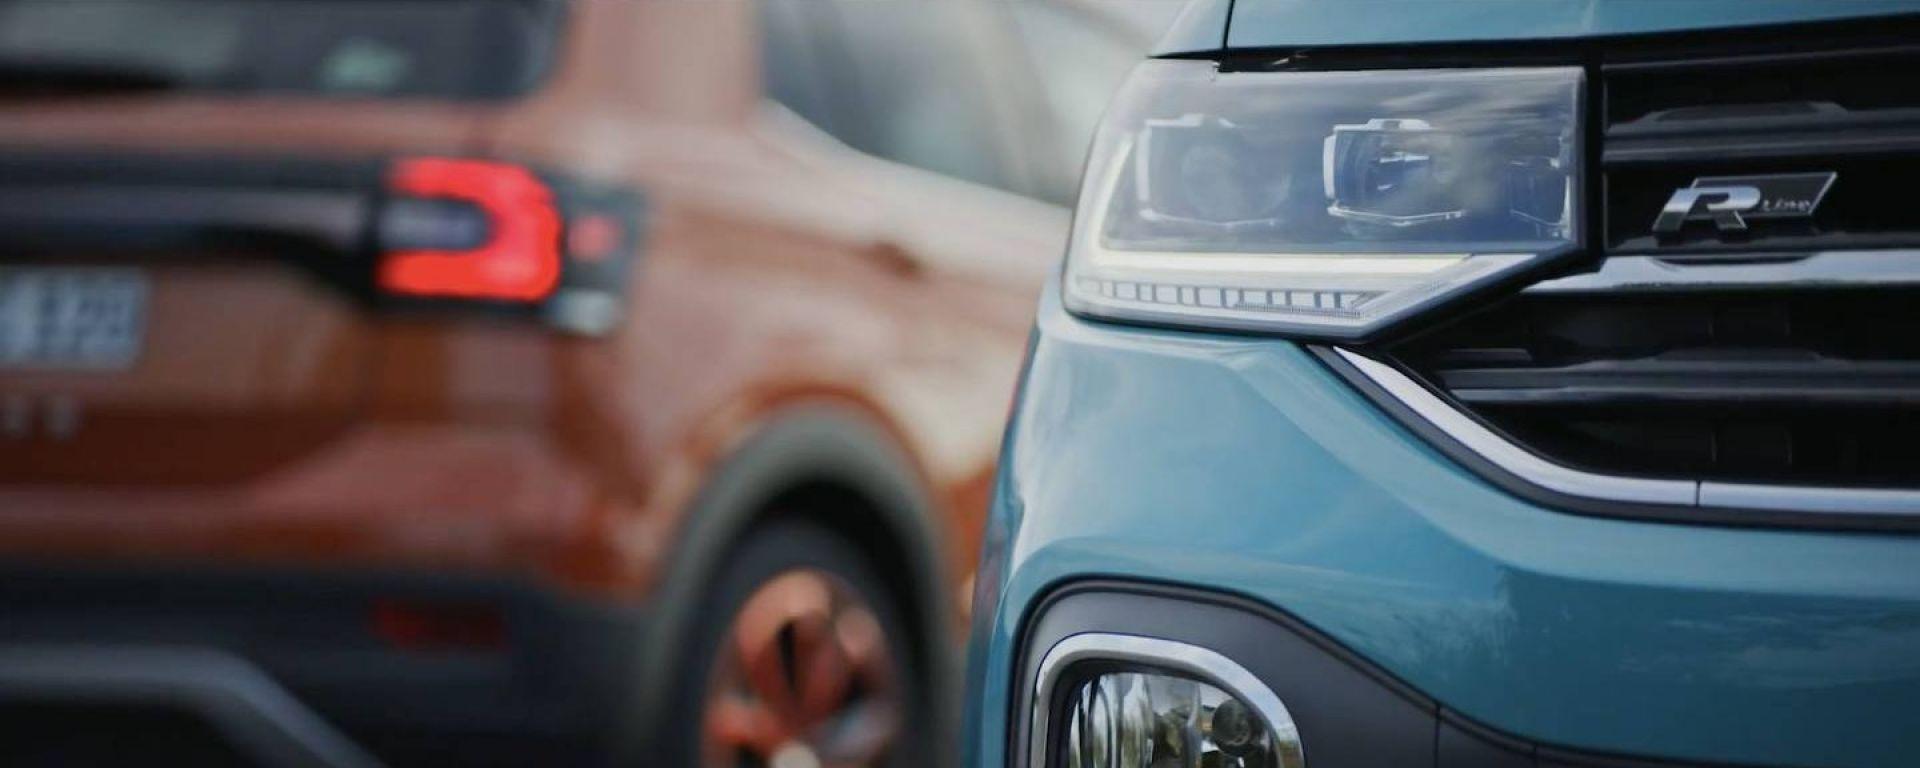 Volkswagen T-Cross: nuovi dettagli di interni e esterni